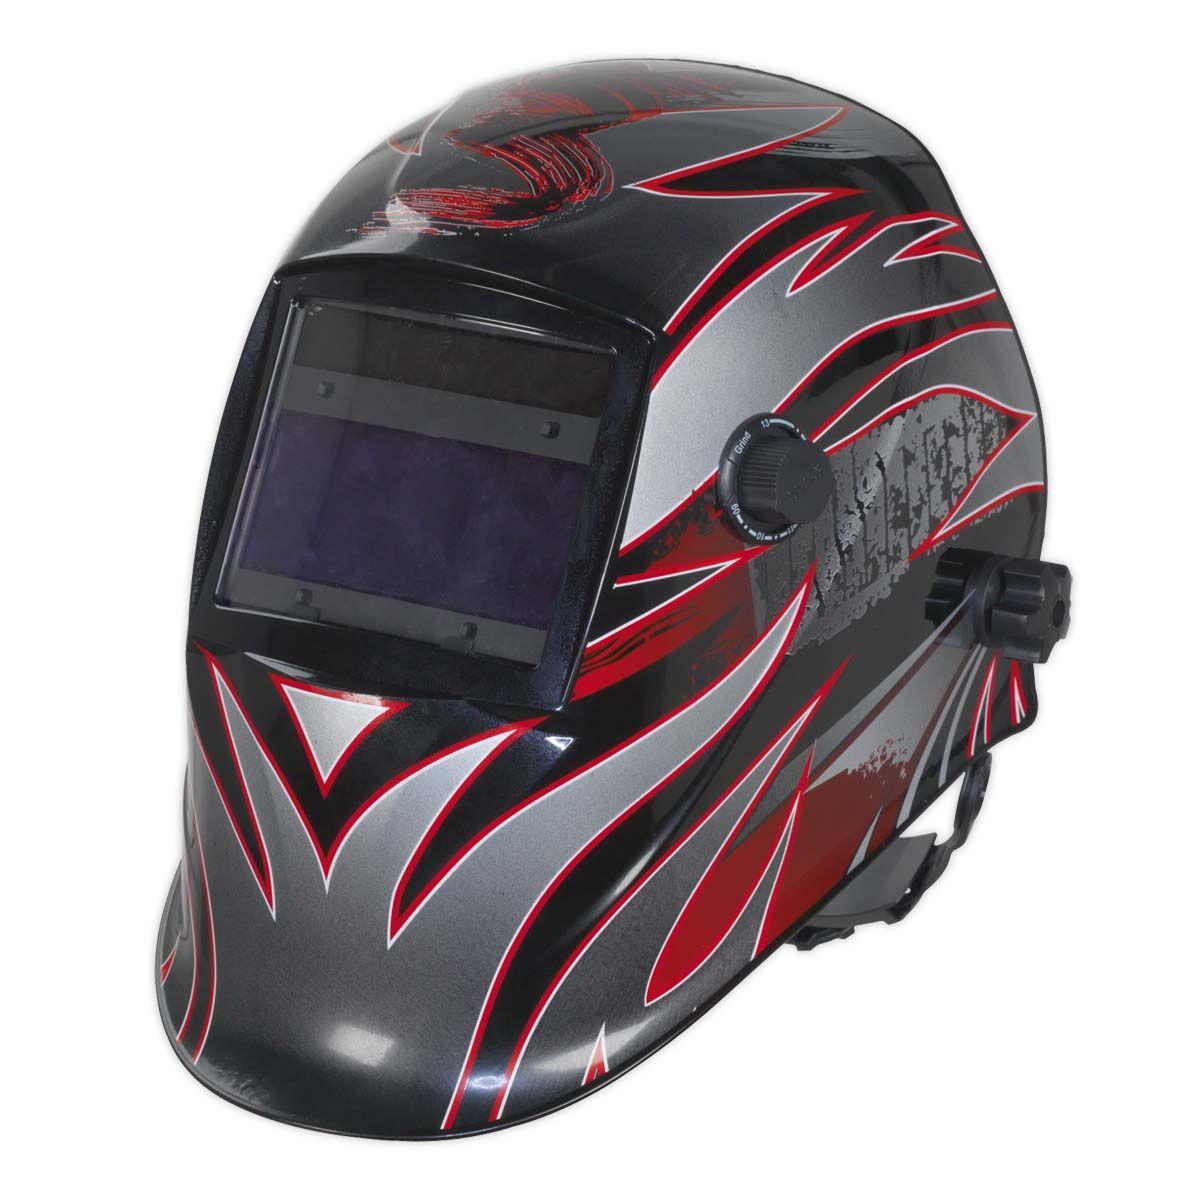 Sealey Welding Helmet Auto Darkening Shade 9-13